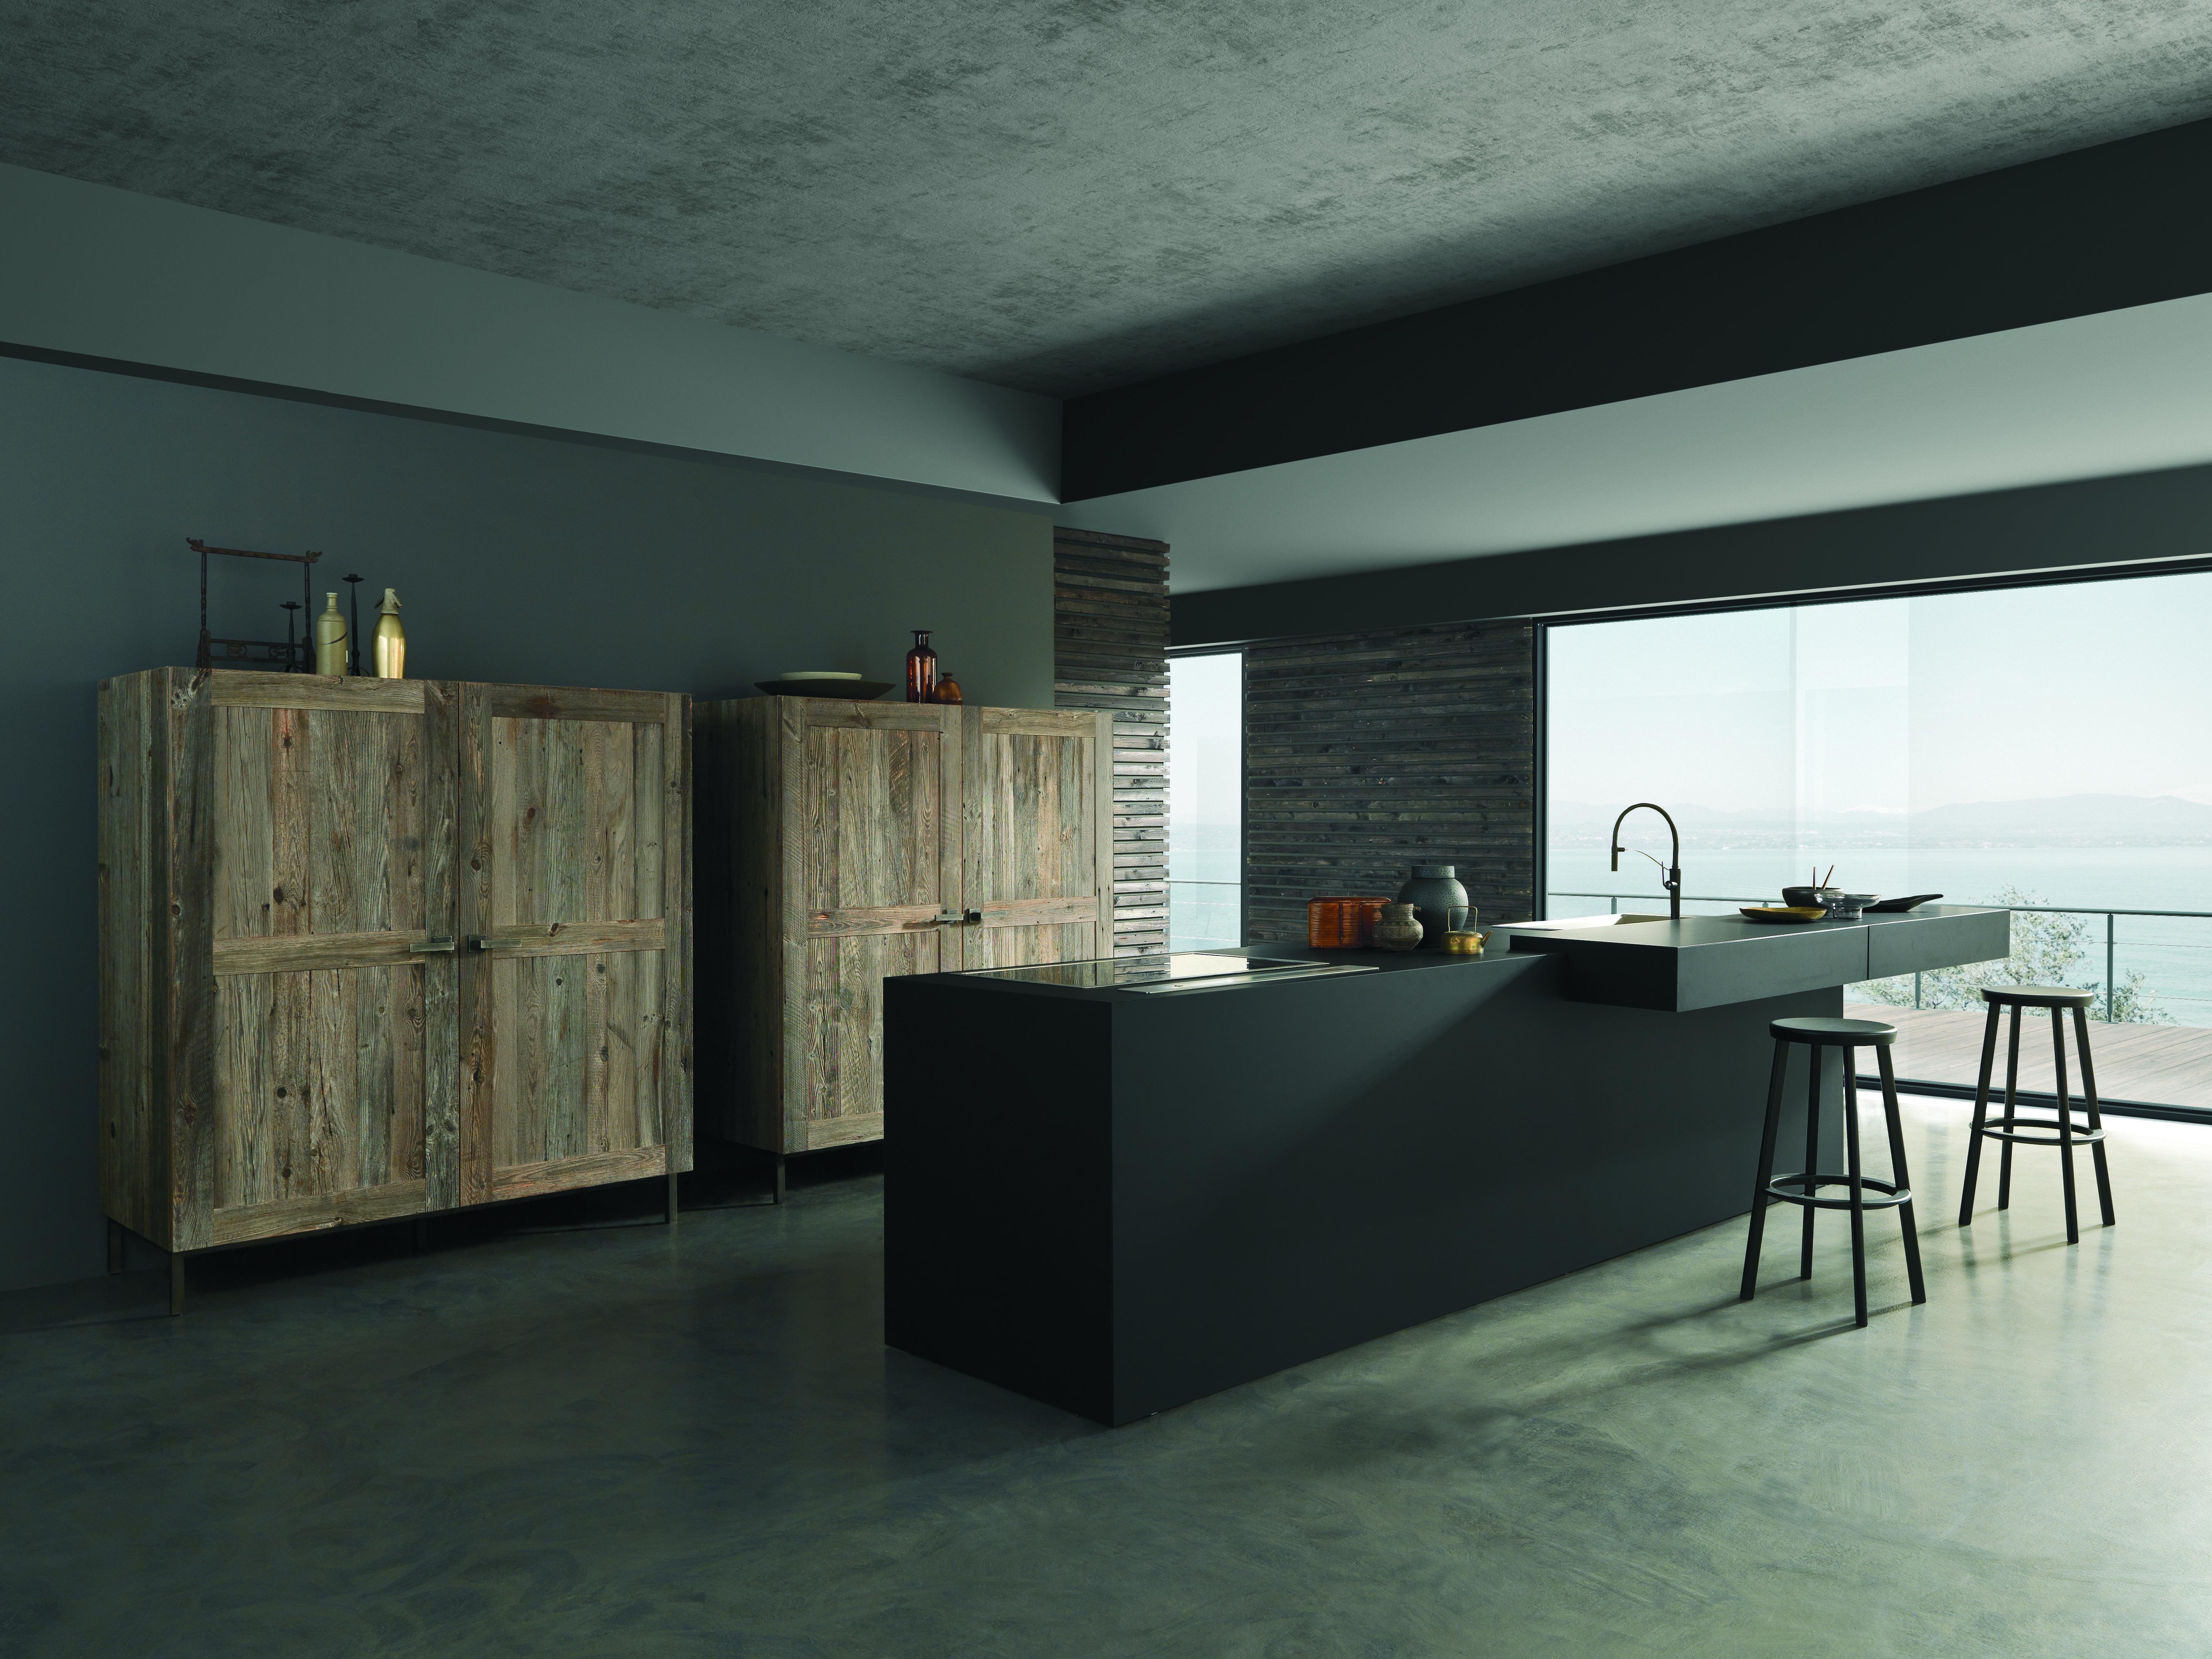 Dune Kitchen: Modern Italian Kitchen Design | Italian ...